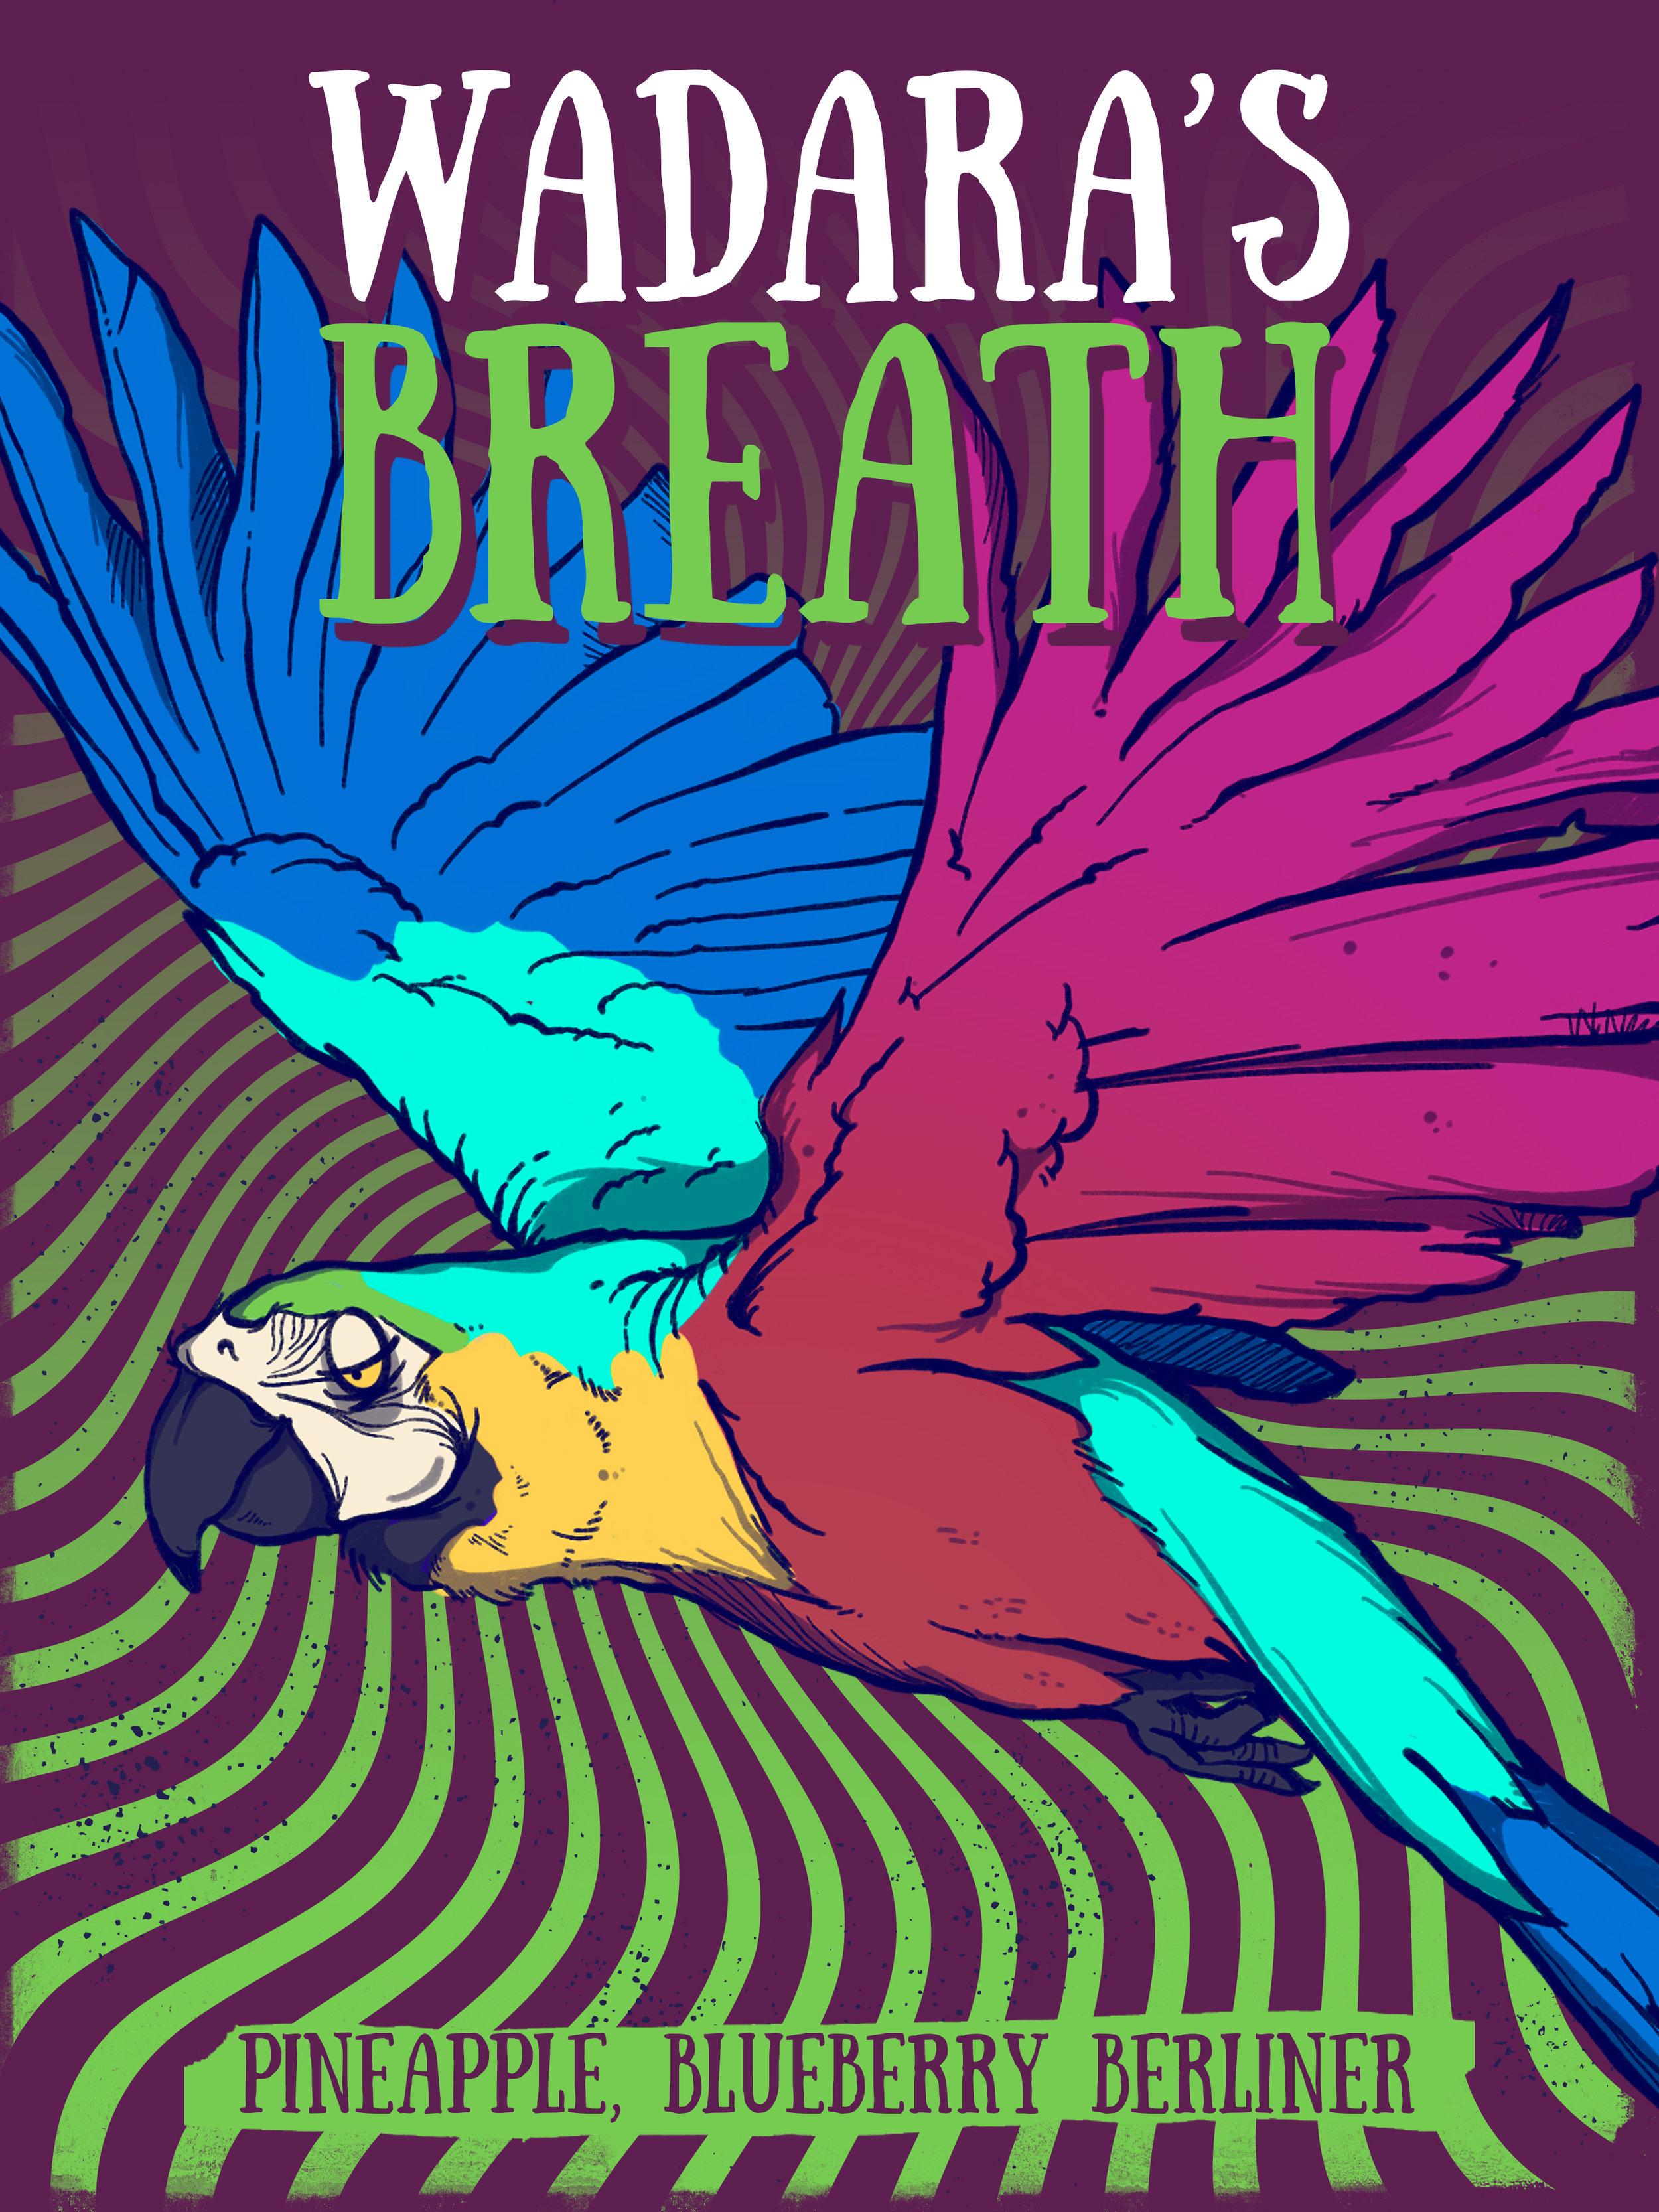 Wadara's Breath